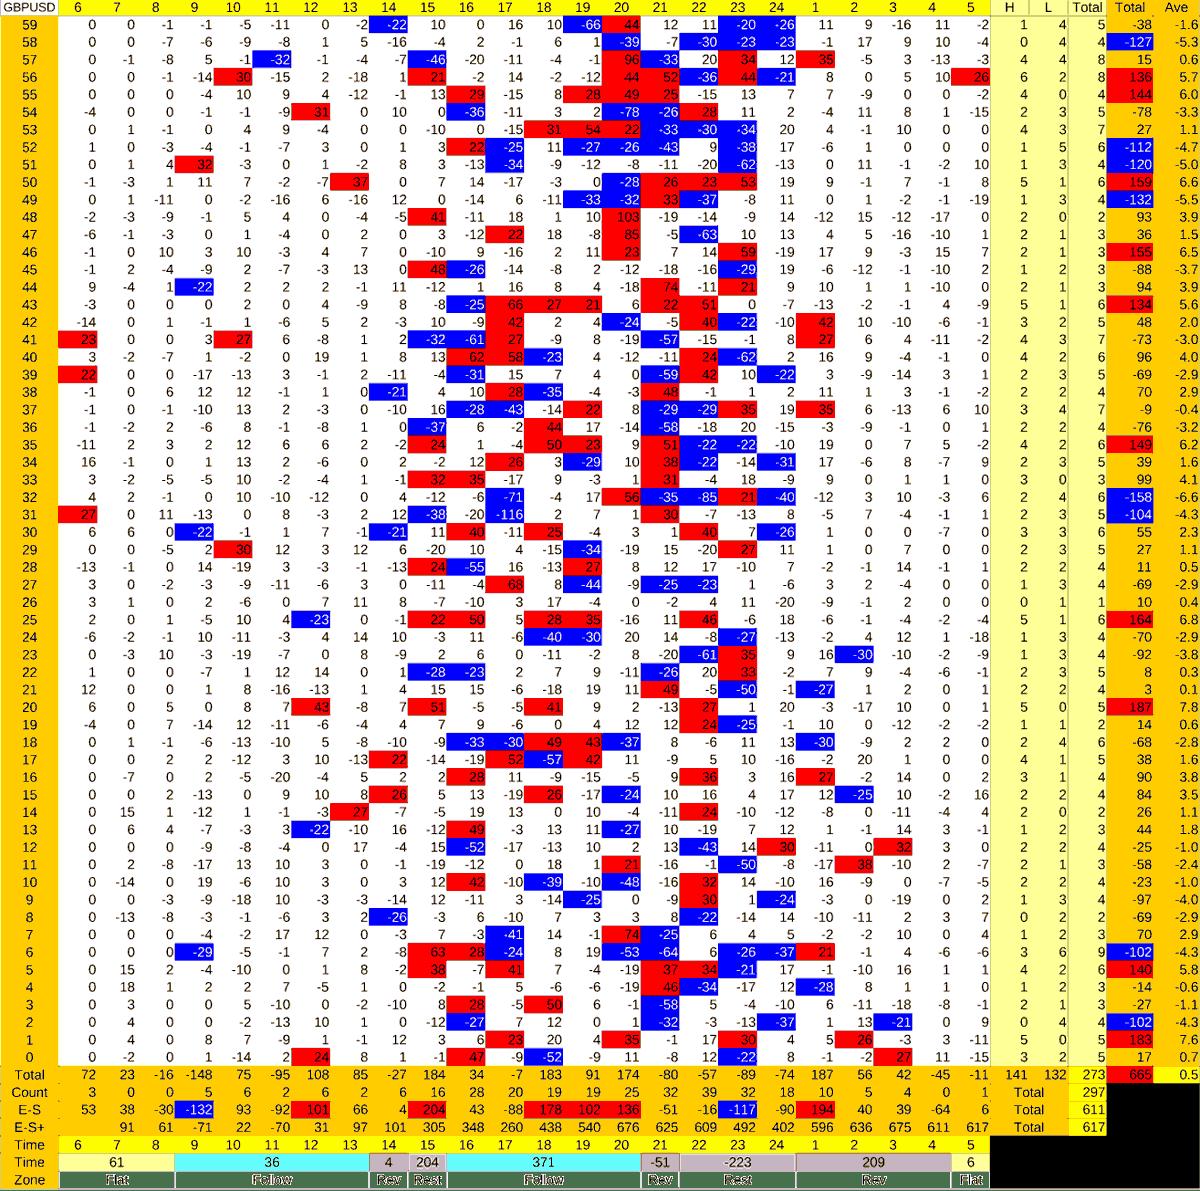 20210722_HS(2)GBPUSD